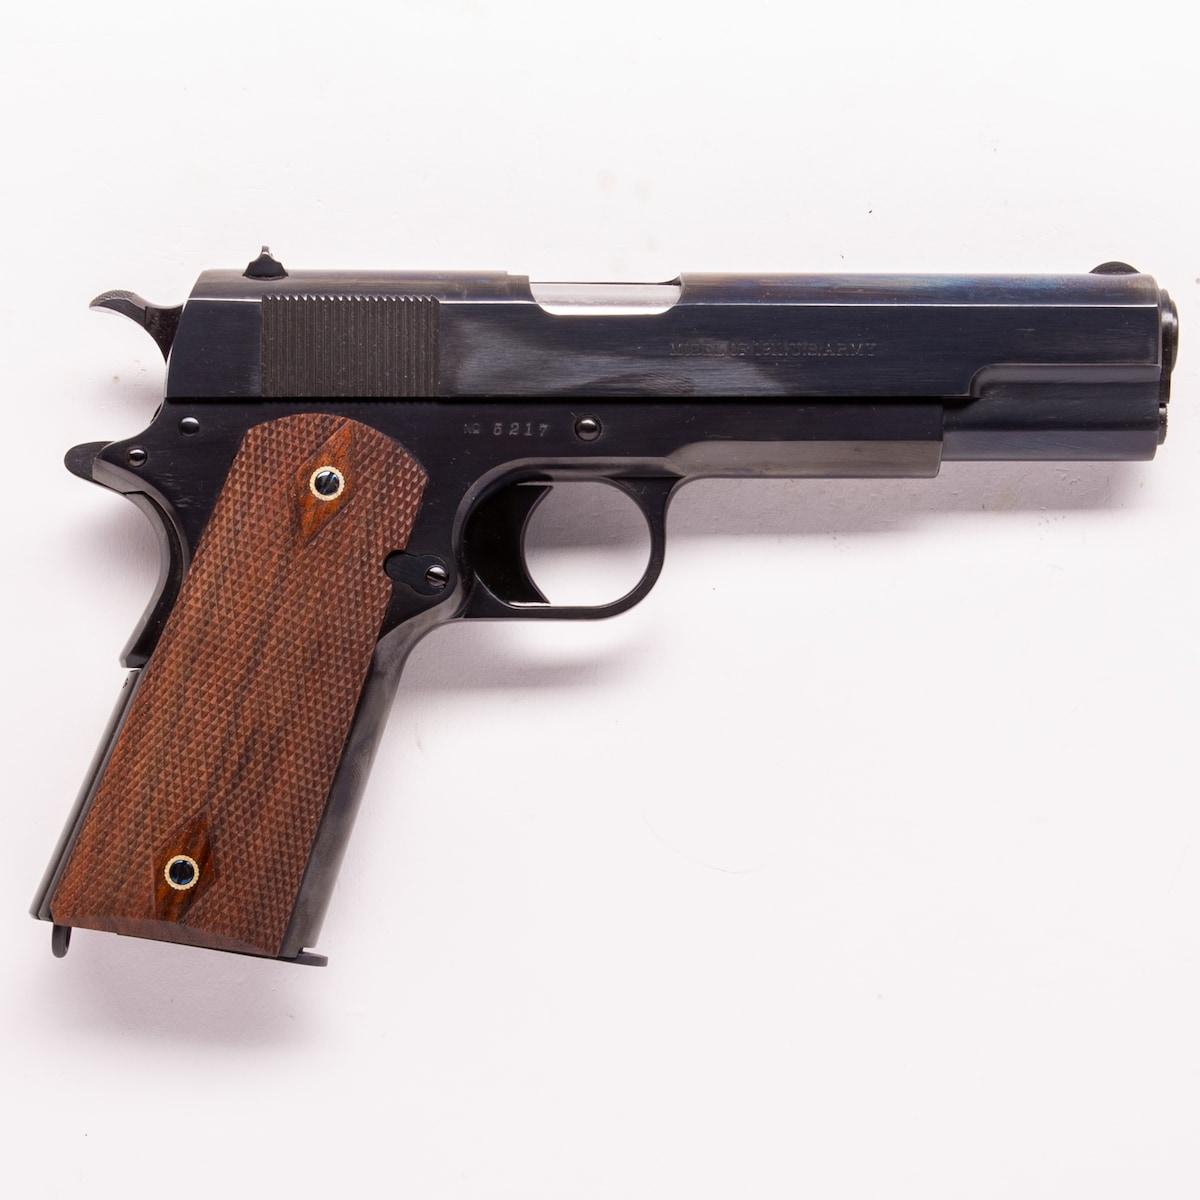 U.S.F.A. GOVT. MODEL OF 1911